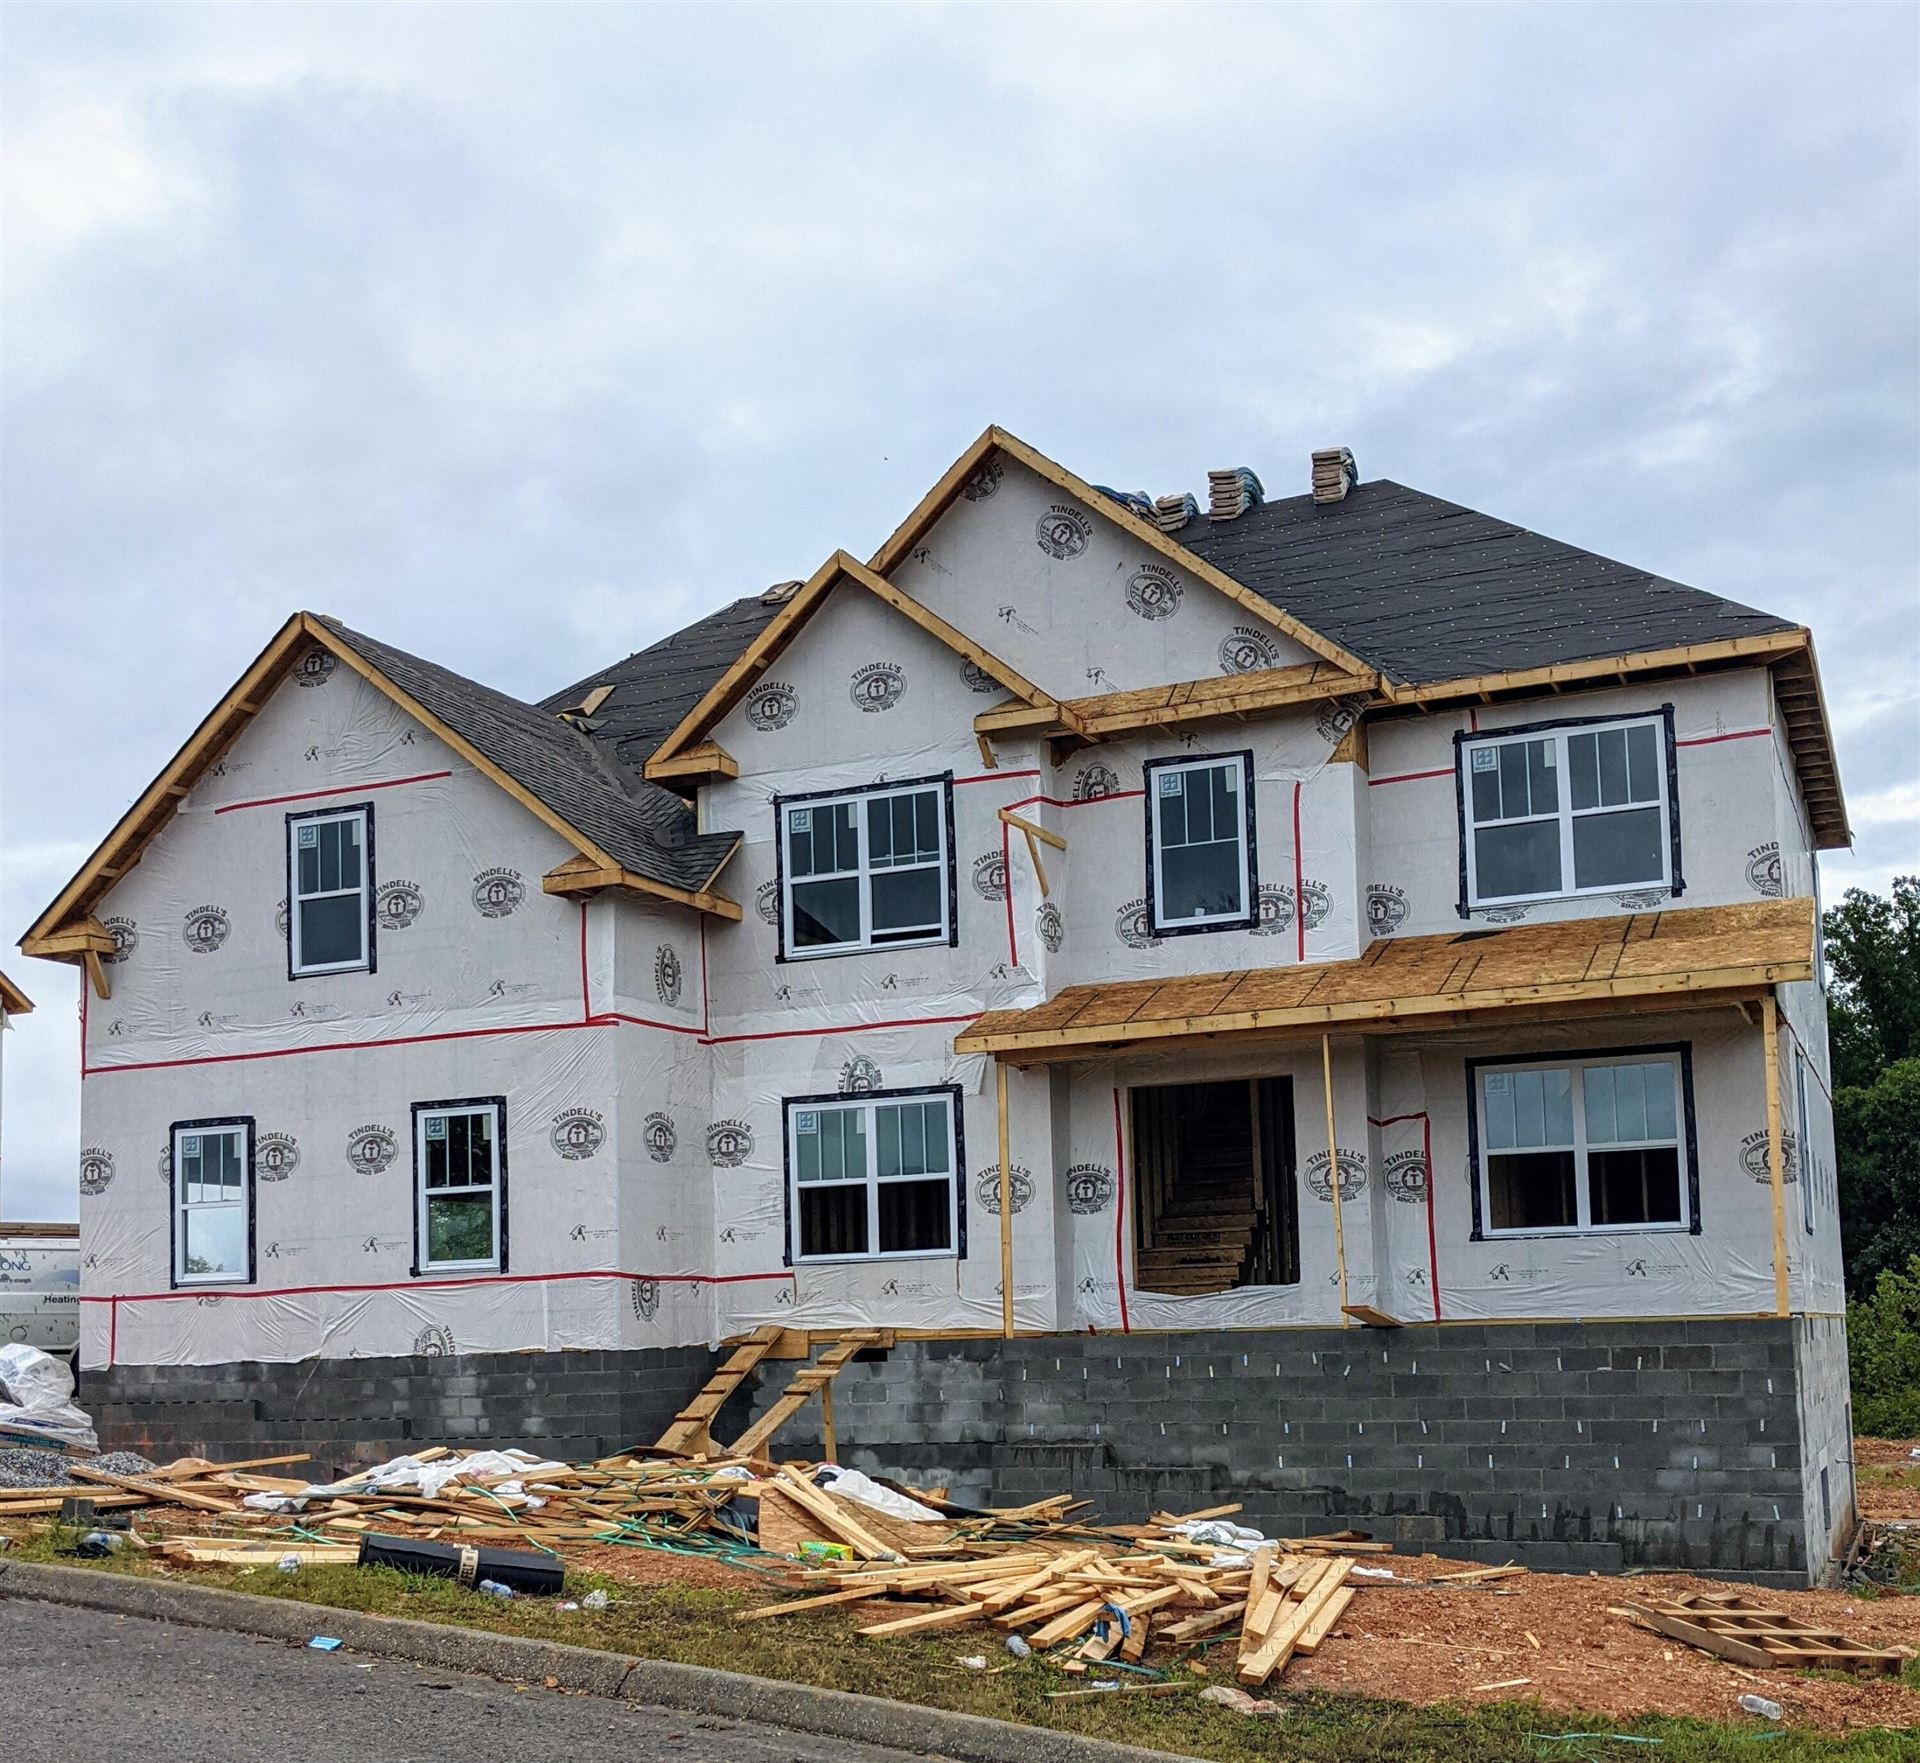 Photo of 104 Sweetberry St #Lot 389, Oak Ridge, TN 37830 (MLS # 1162339)